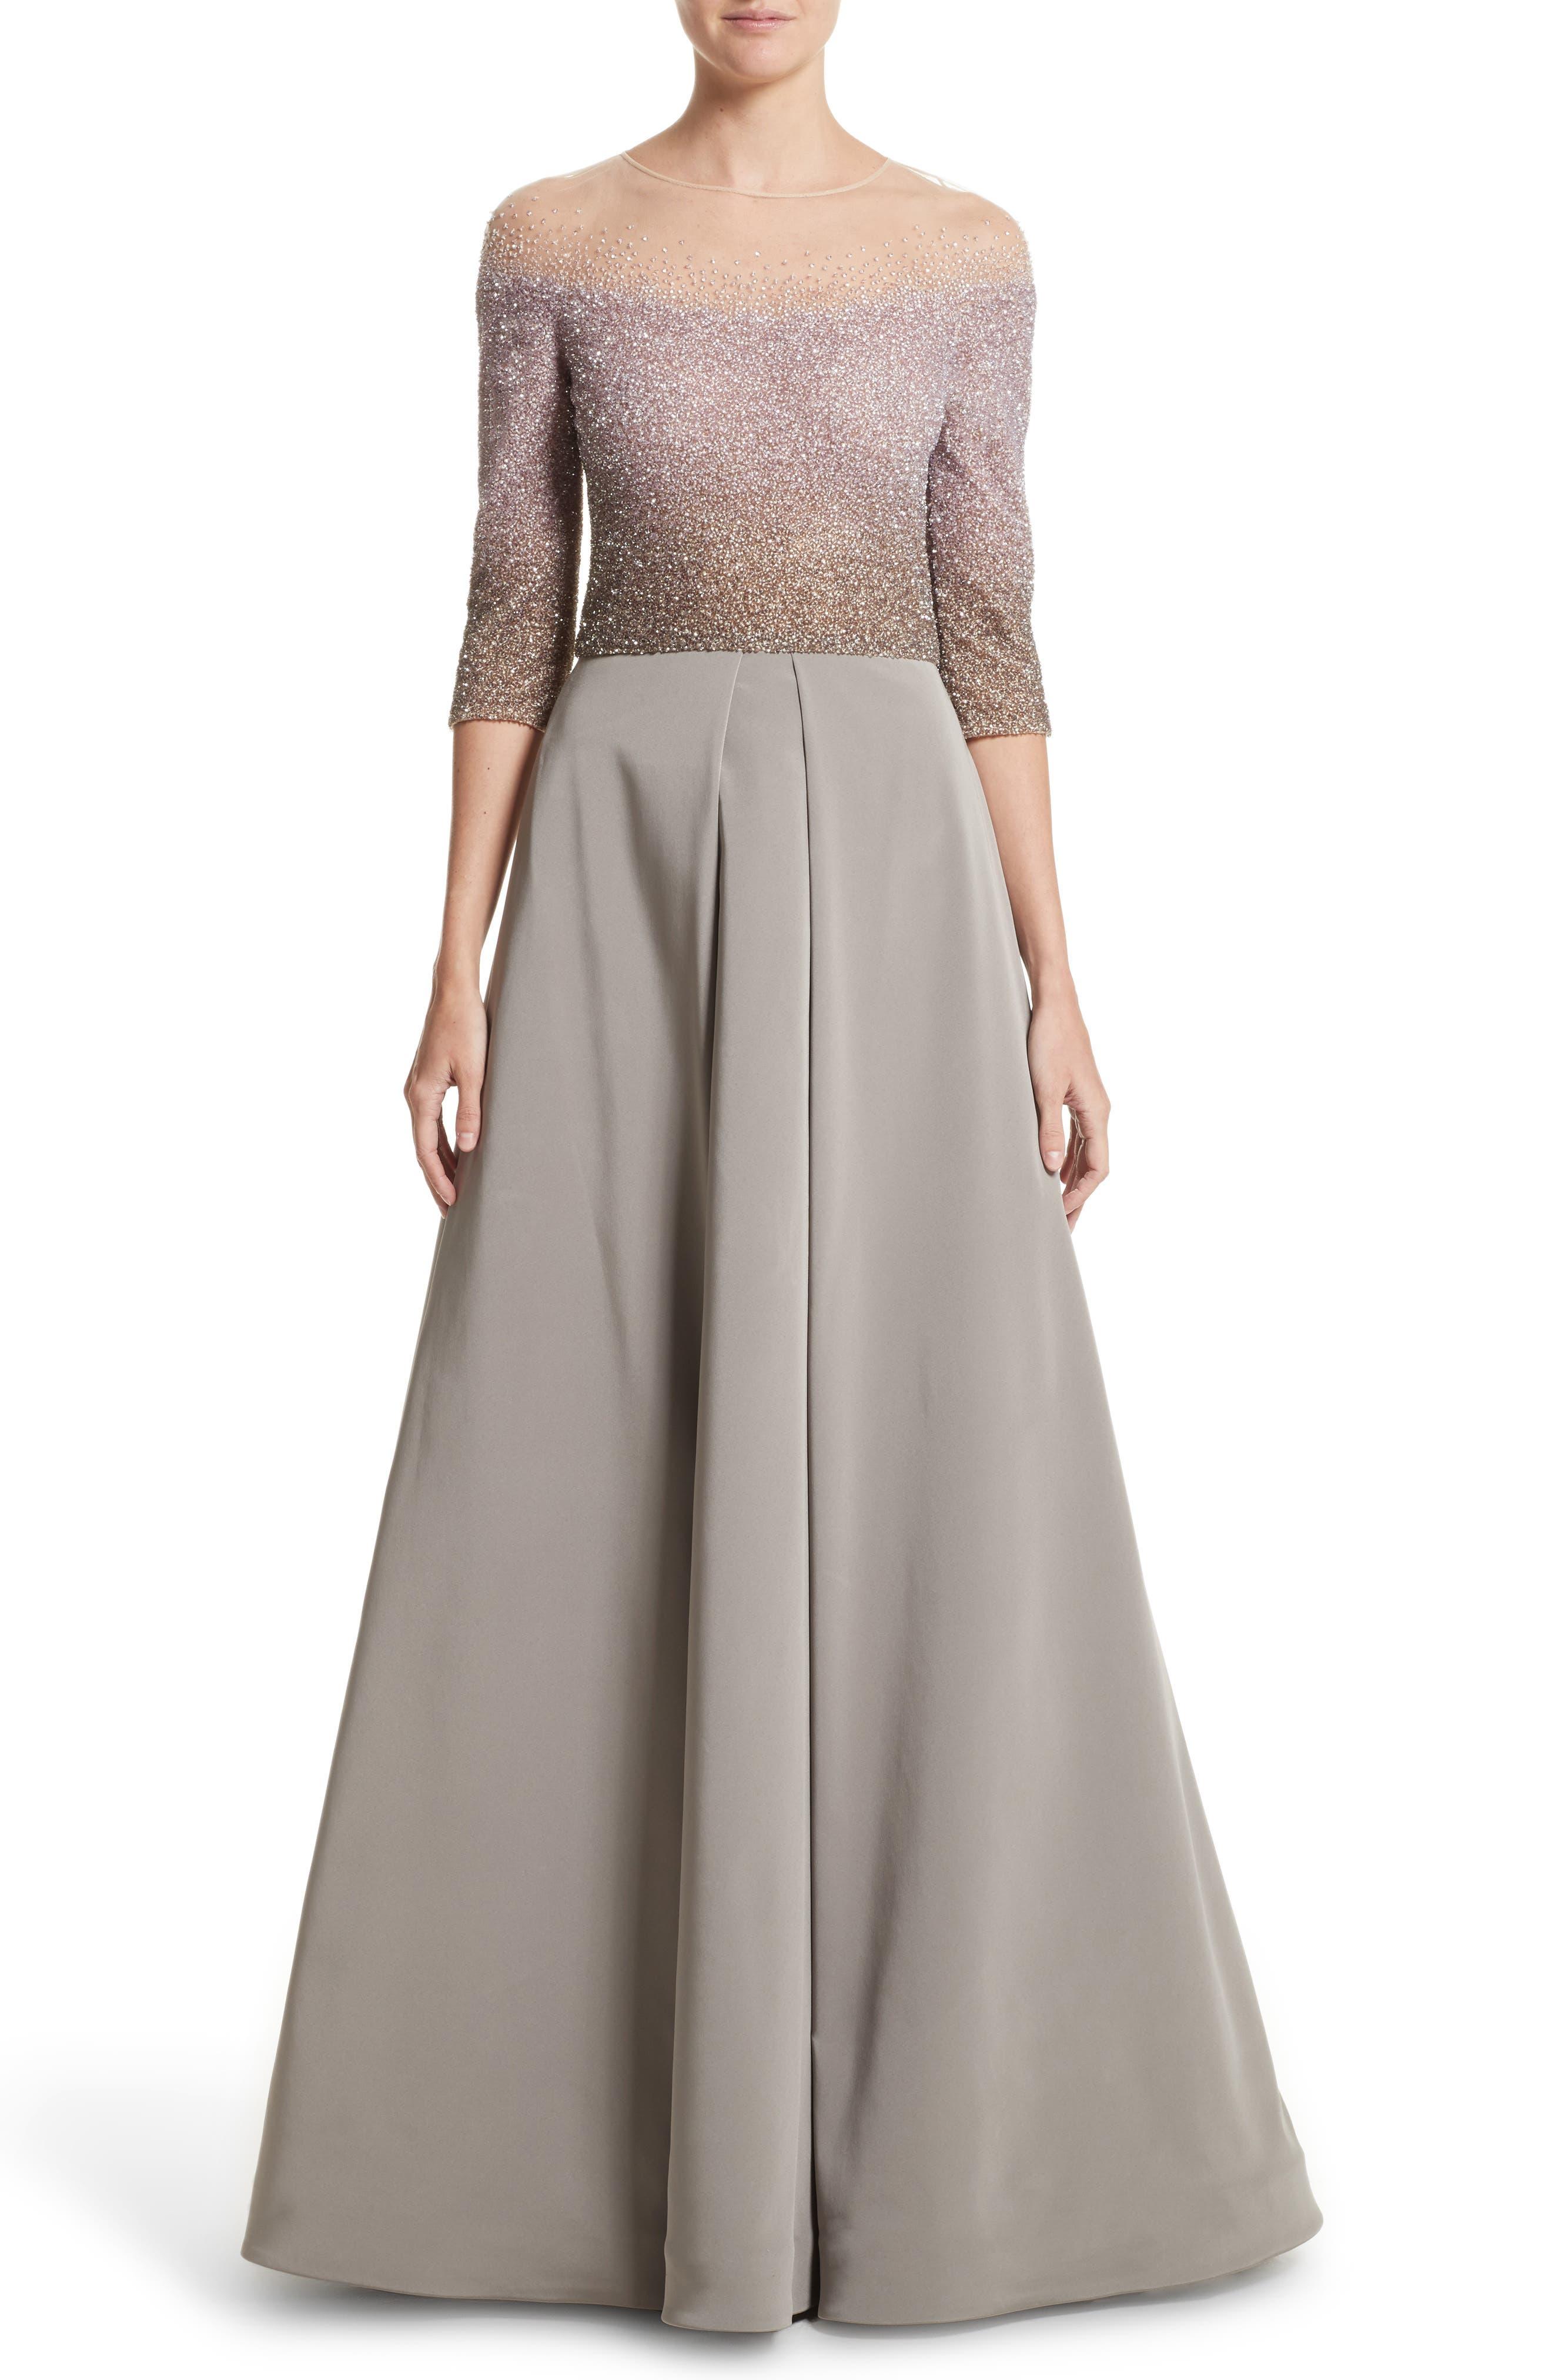 Pamella Roland Illusion Sequin & Faille A-Line Gown